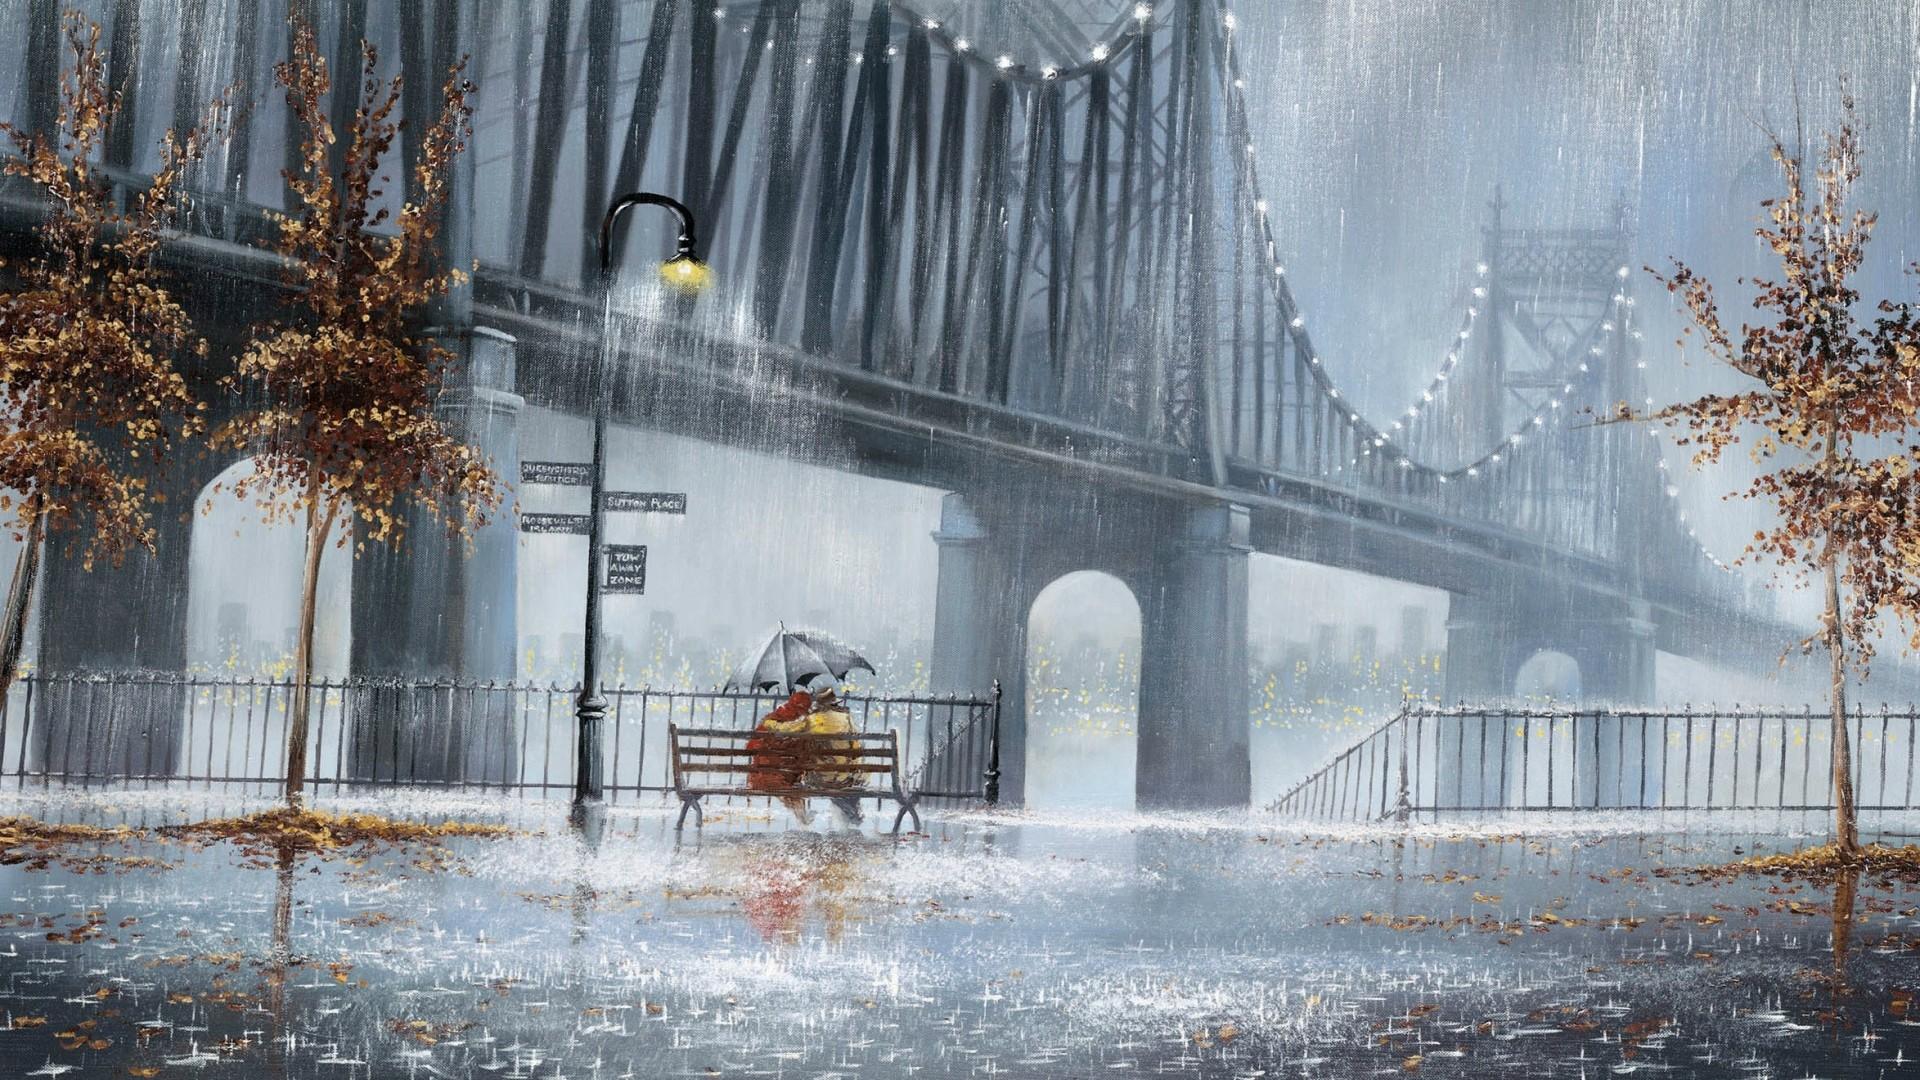 Full Hd 1080p Rain Wallpapers Hd Desktop Backgrounds Rain Background Full Hd 1920x1080 Download Hd Wallpaper Wallpapertip